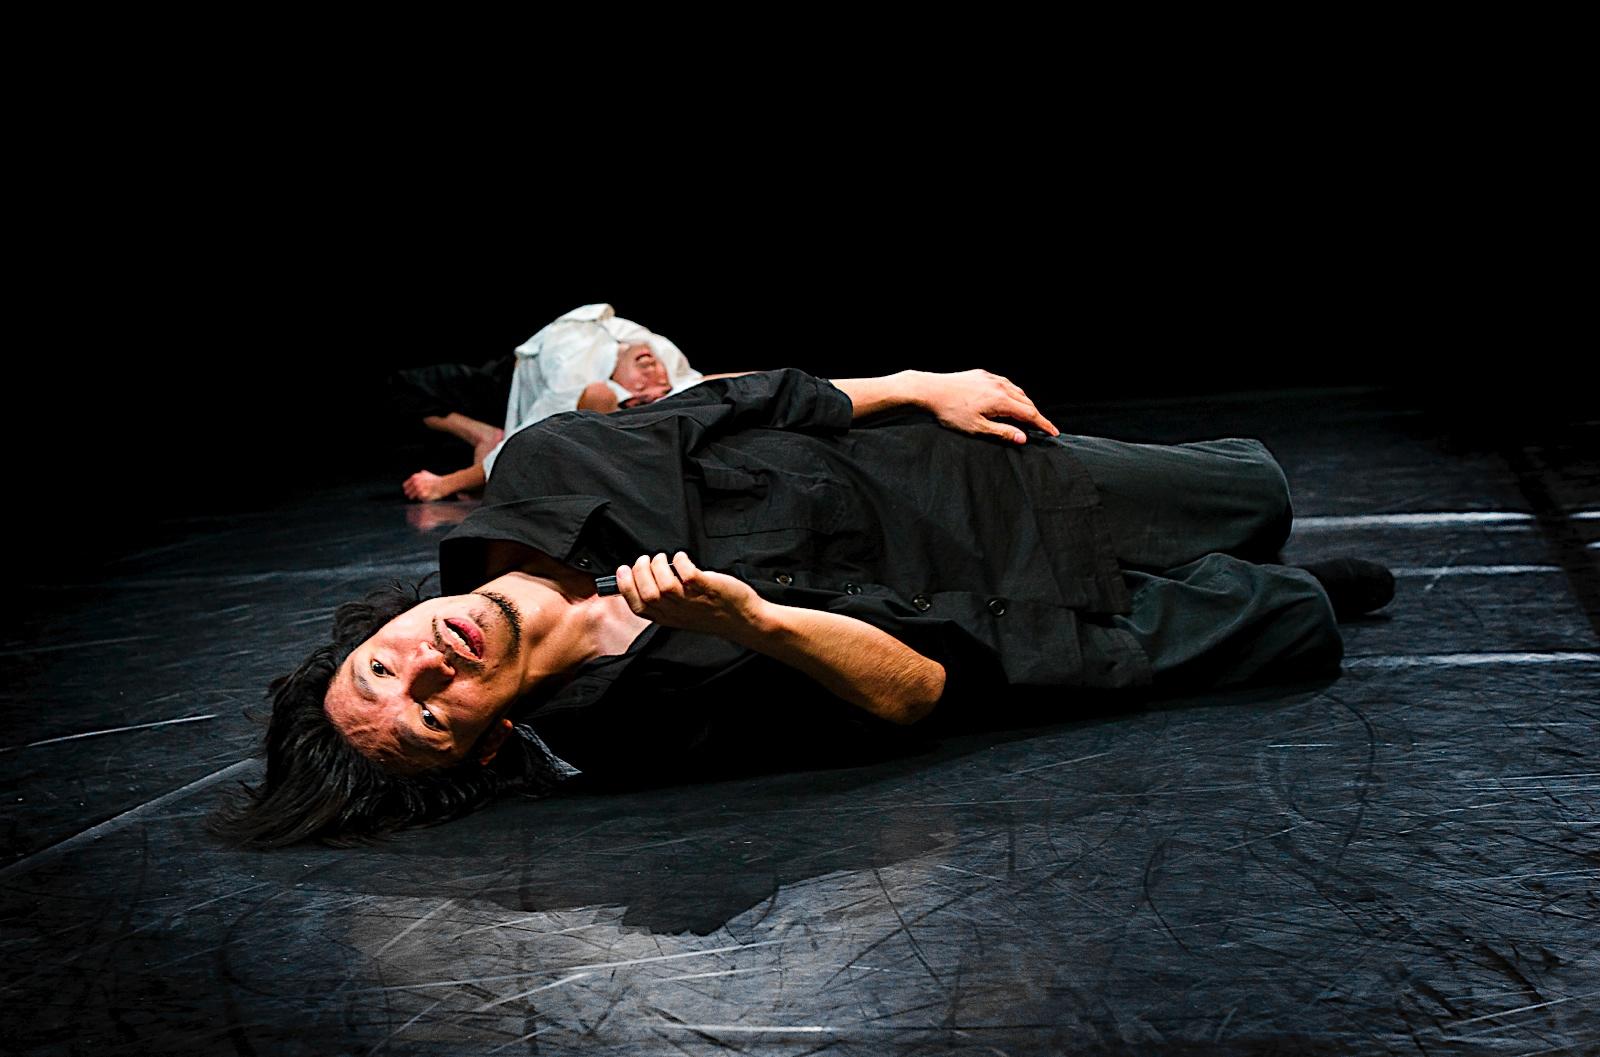 工藤聡『equal』(2009) photo by Hakan Larsson